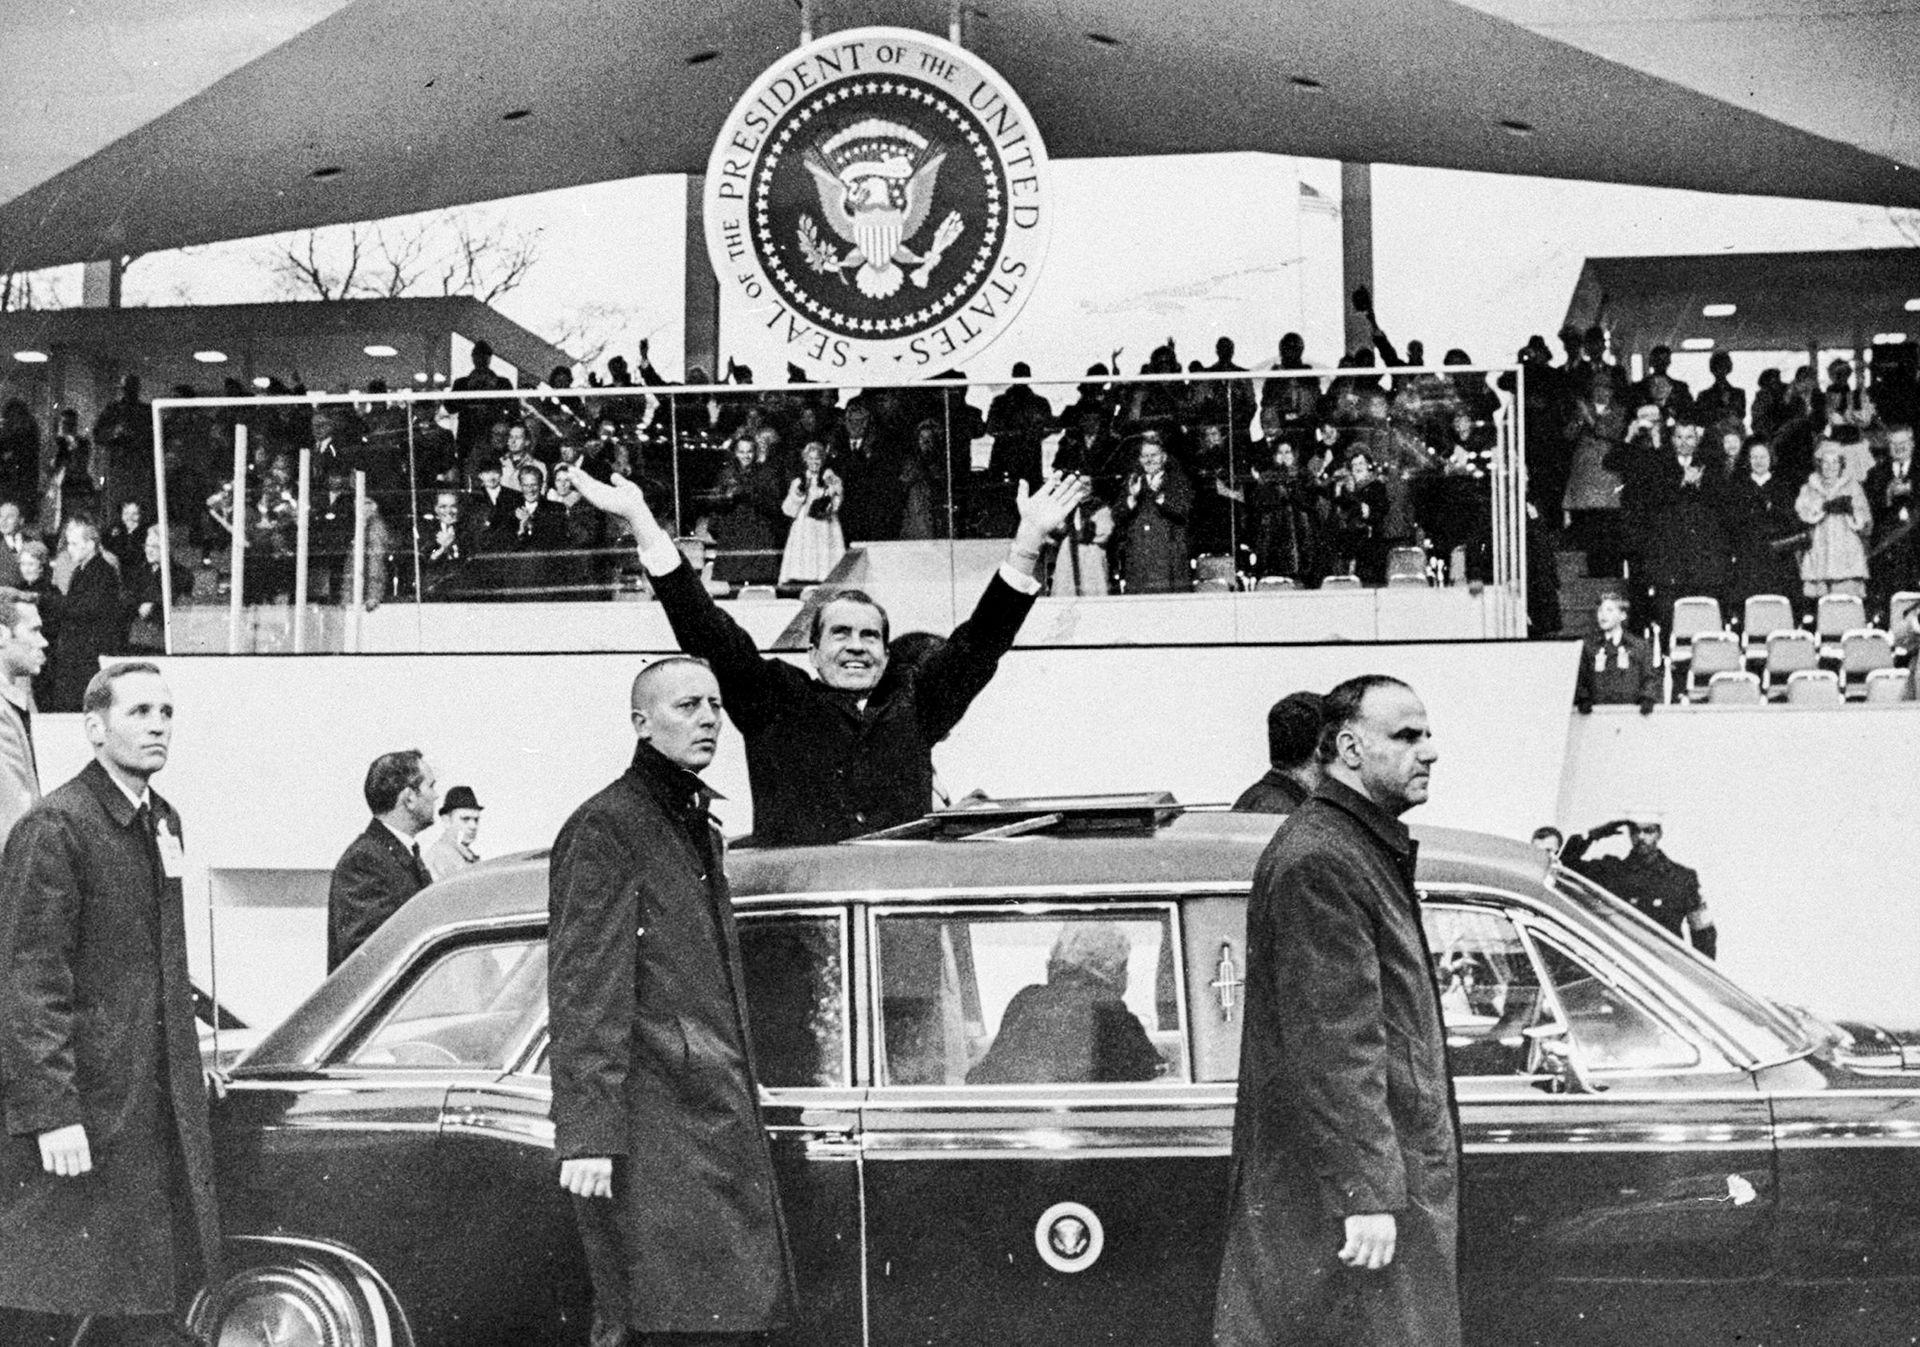 El 20 de enero, cien mil republicanos asistieron en Washington a la entrada en funciones de Nixon. Al mediodía, en la escalera del Capitolio, prestó juramento